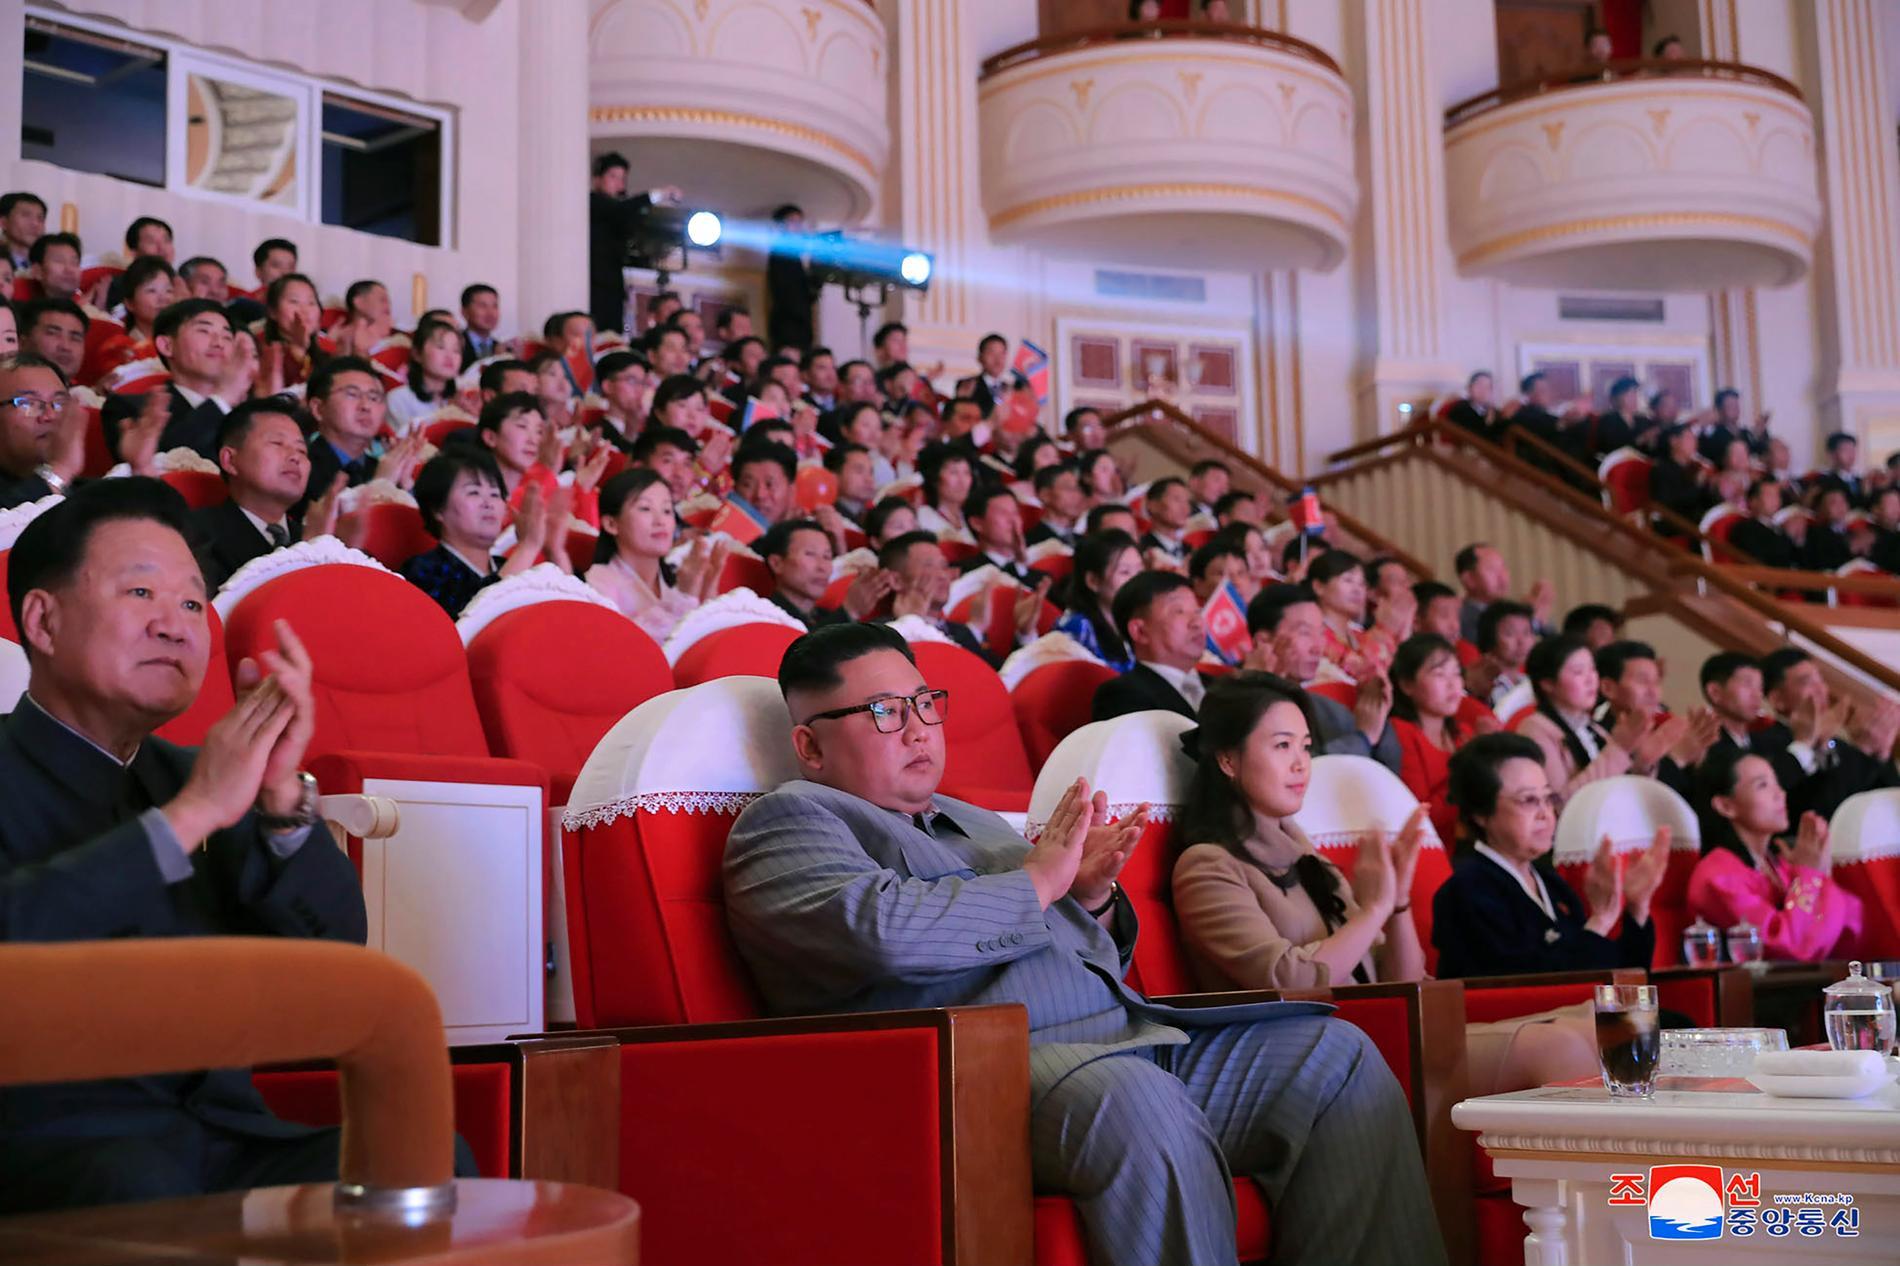 Kim Jong-Un applåderar en nyårskonsert i Pyongyang på lördagen. Närmast till höger om diktatorn sitter hustrun Ri Sol-Ju och ytterligare ett steg bort fastern Kim Kyong-Hui.